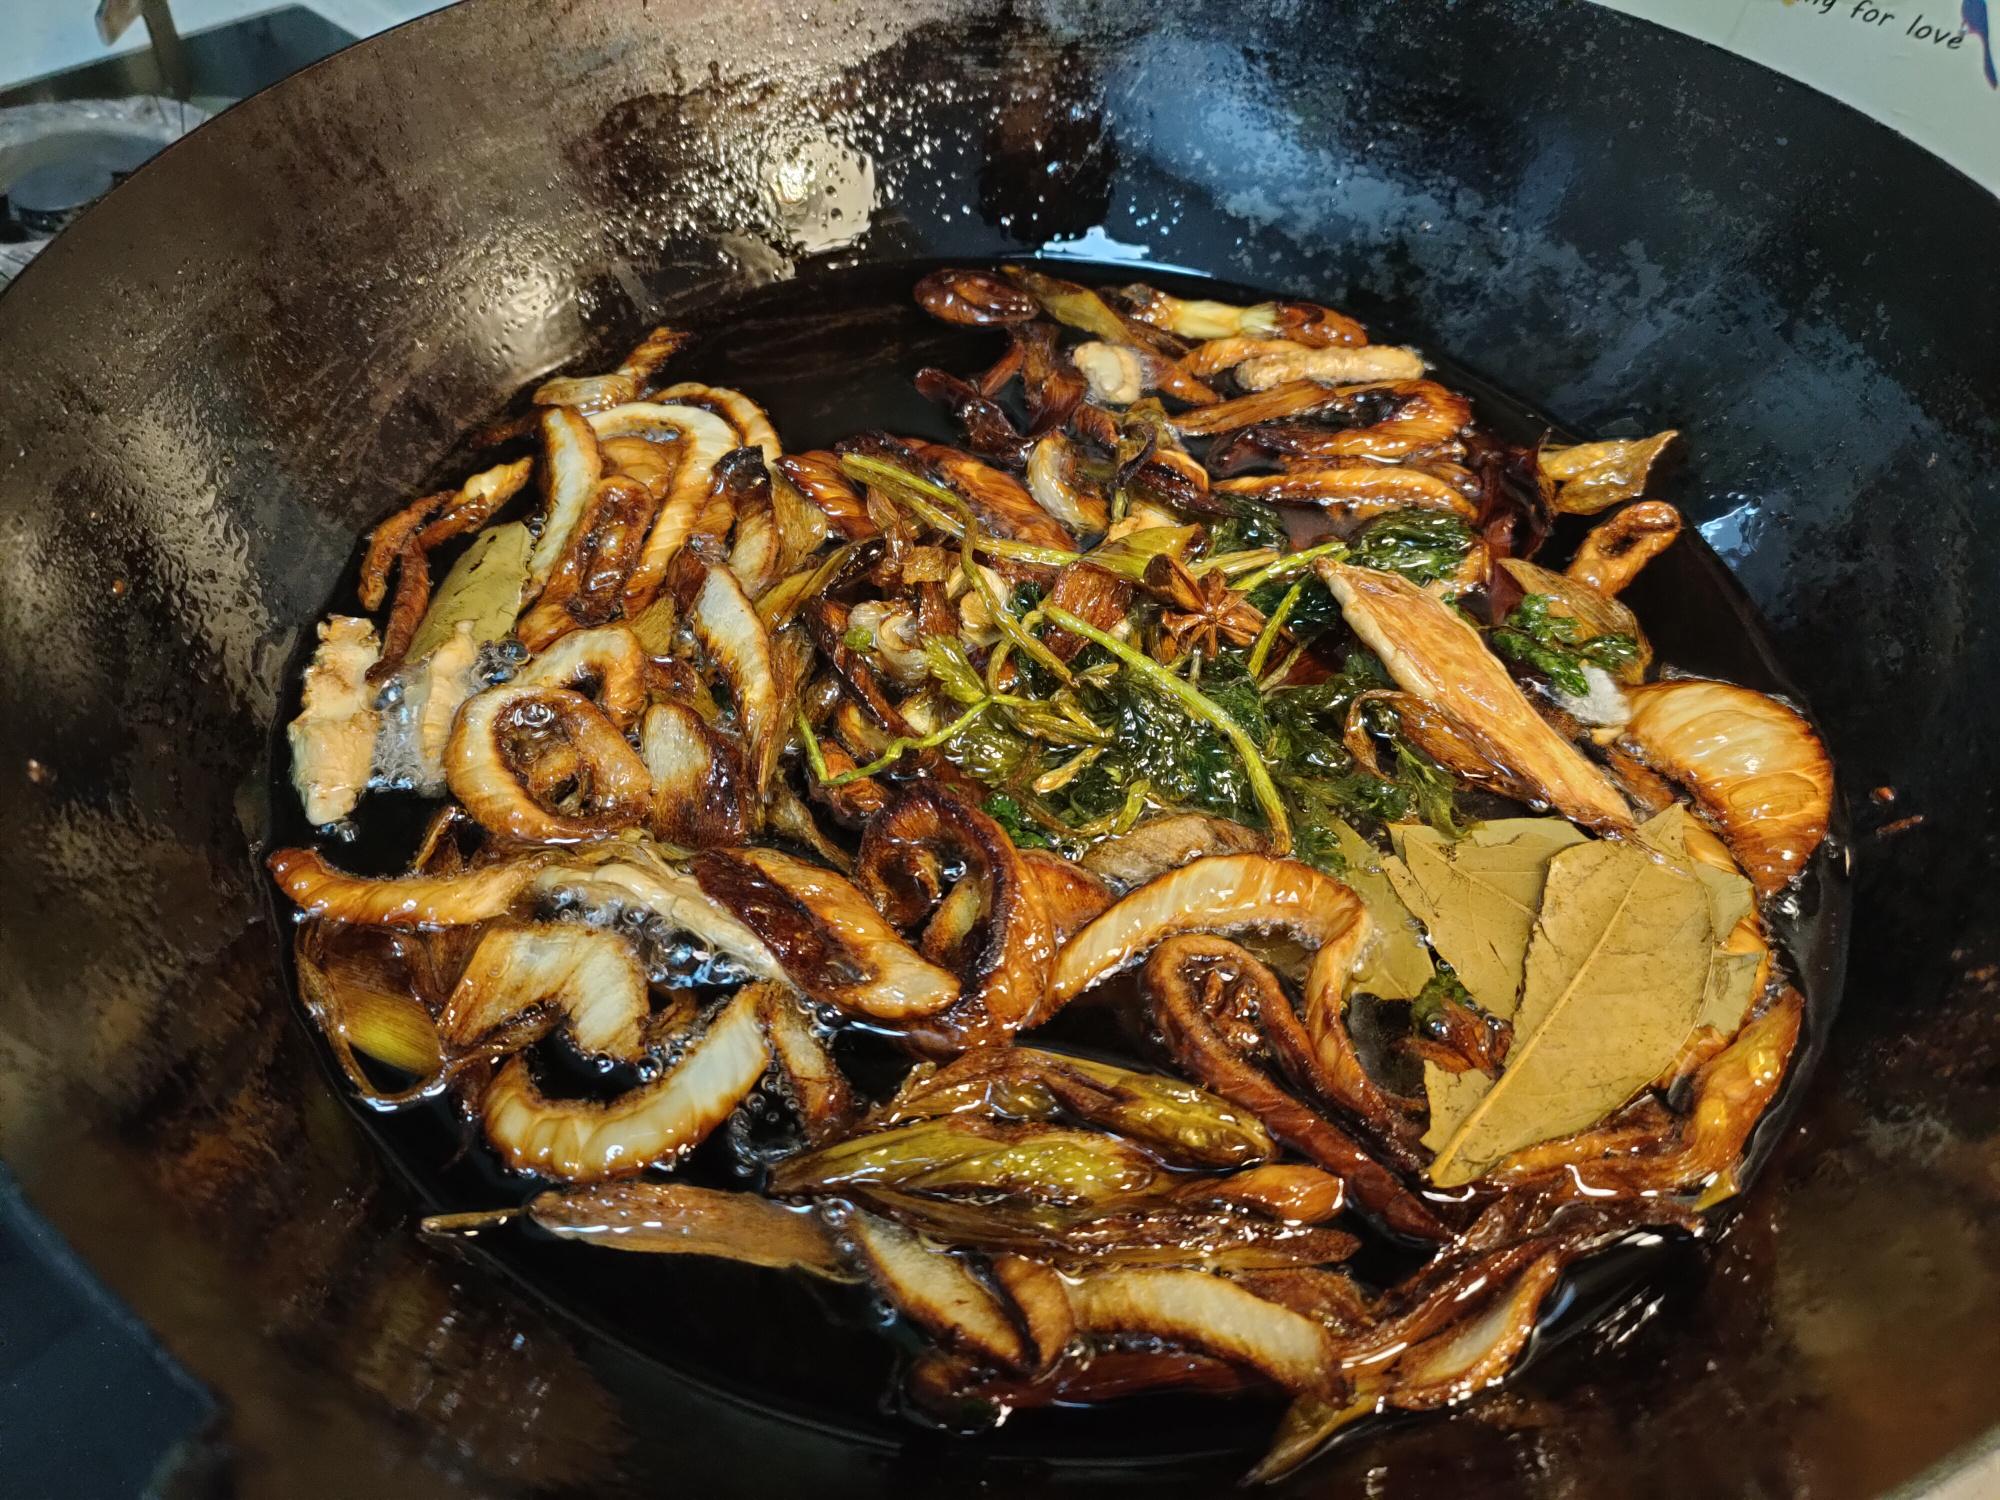 辣椒油想要好吃,可不是直接泼油那么简单,教你正确做法,香辣浓